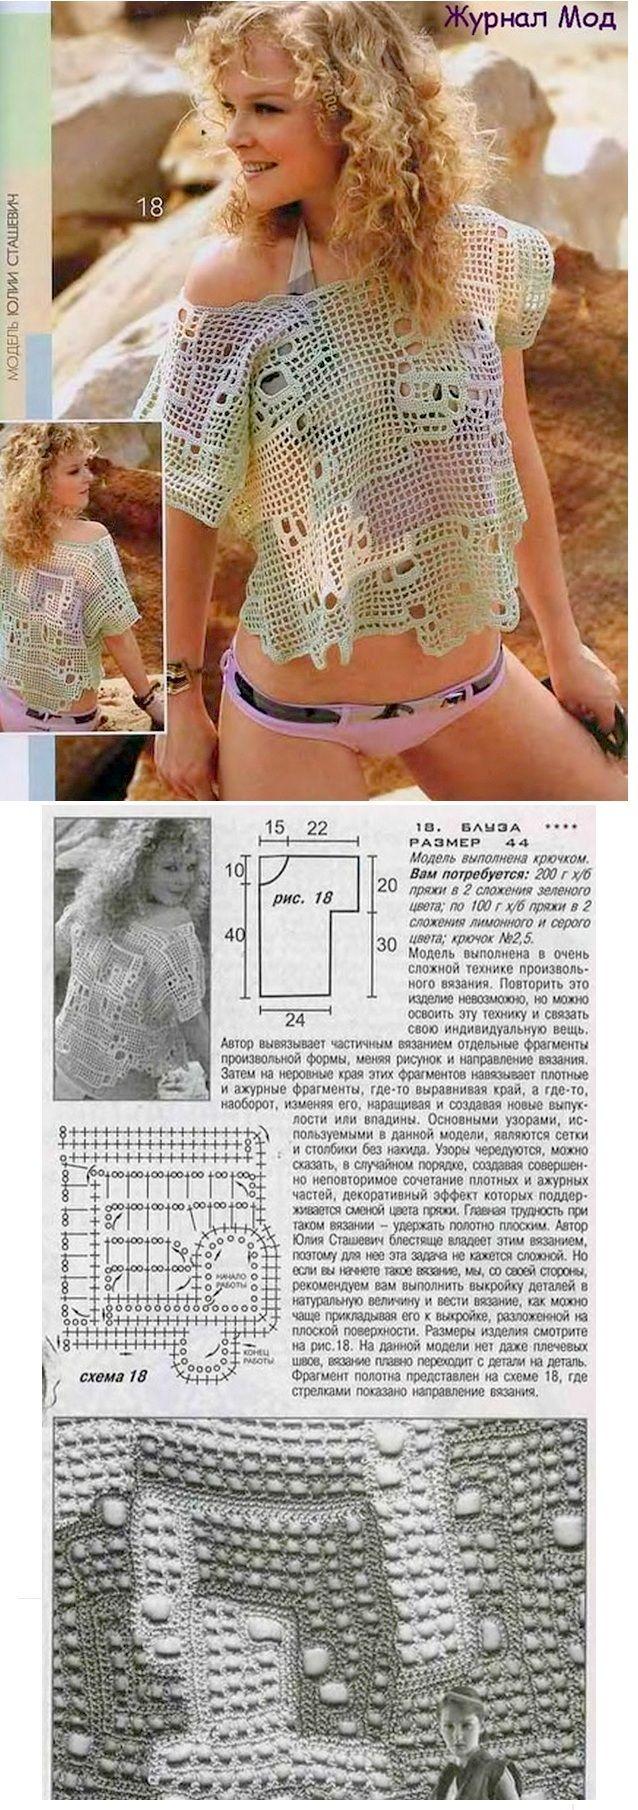 Ажурная блузка крючком в технике произвольного вязания. Обсуждение на LiveInternet - Российский Сервис Онлайн-Дневников